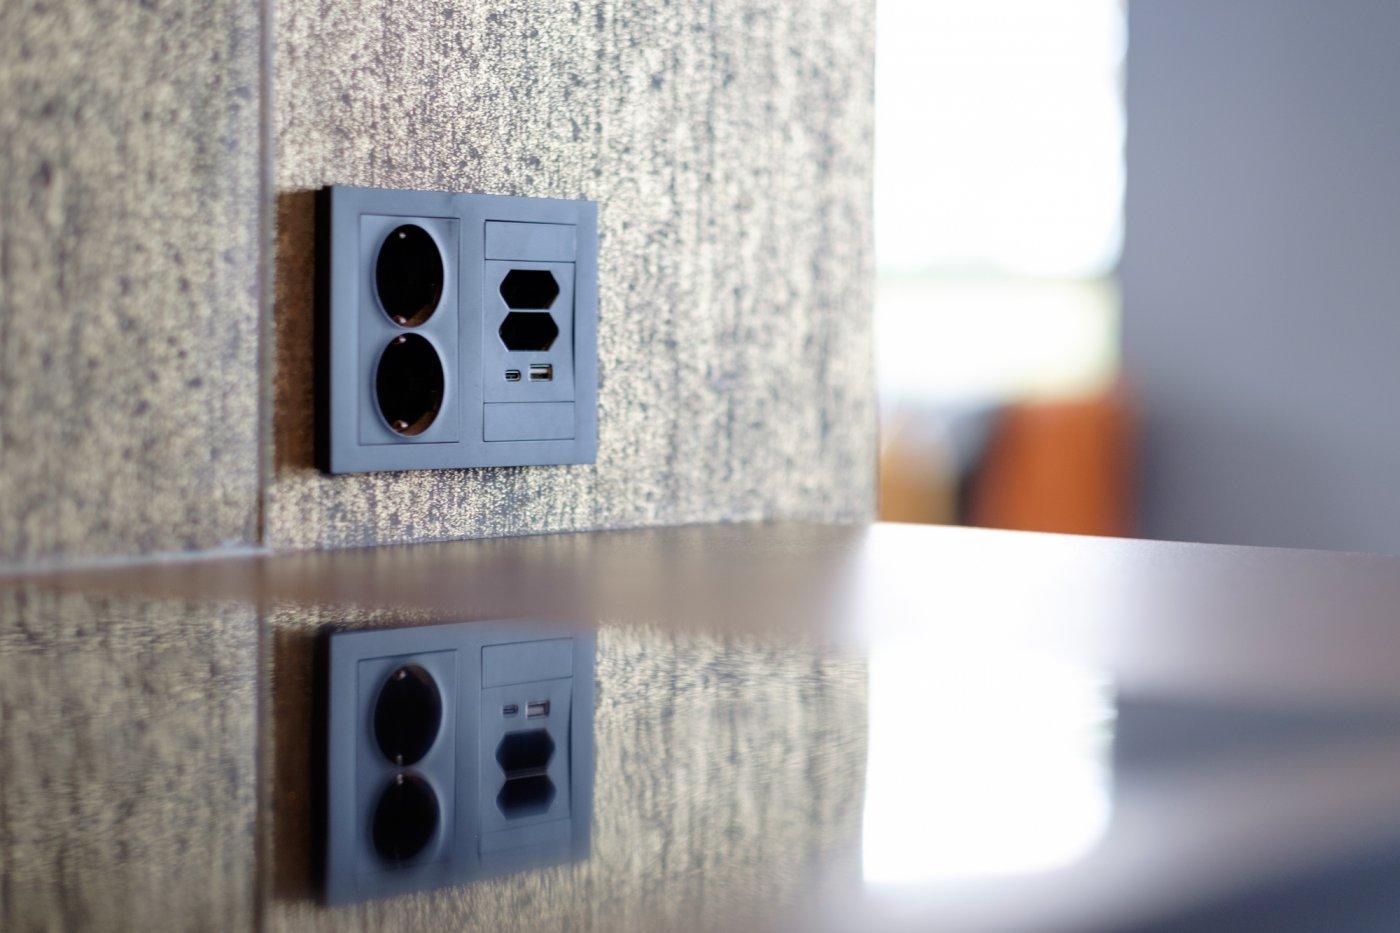 sort stikkontakt med forskjellige innganger og USB-port – montert over kjøkkenbenk.